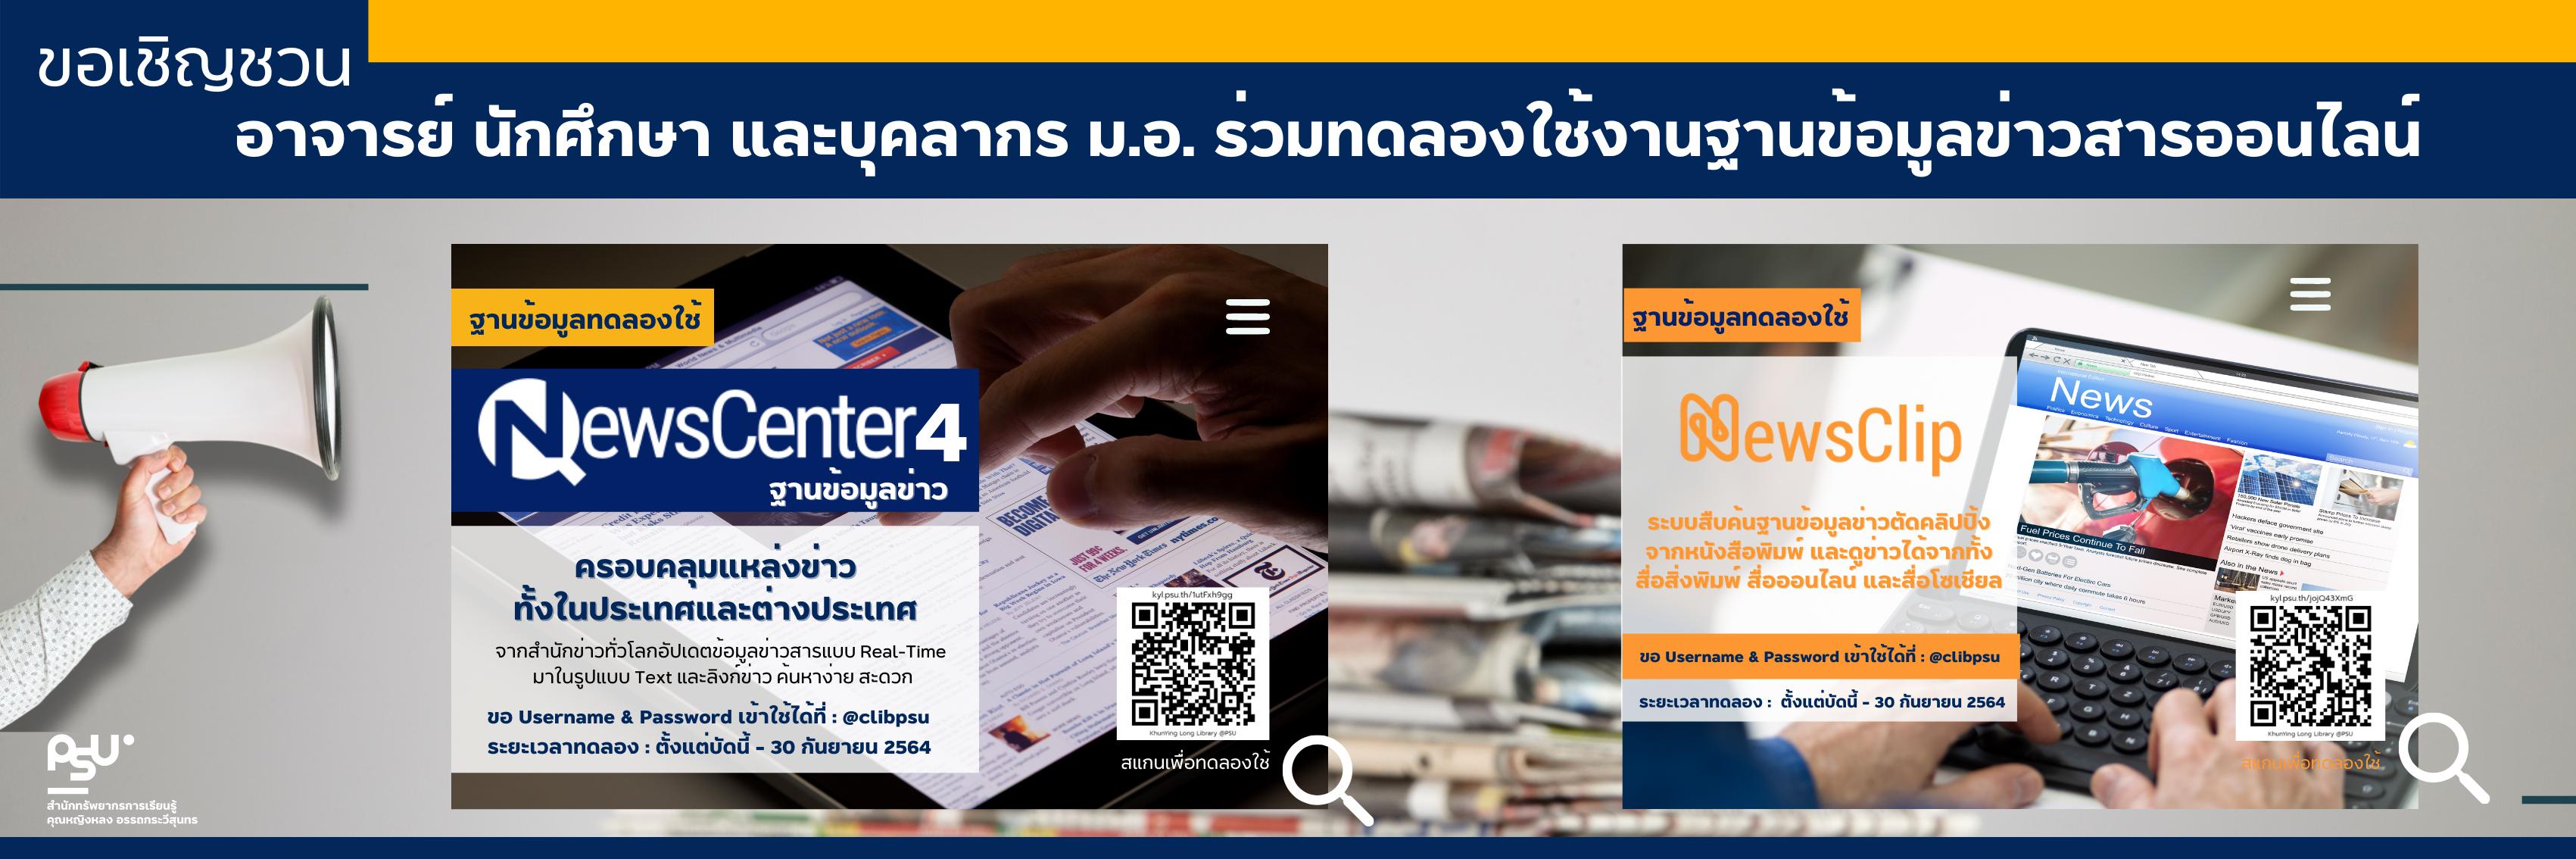 ขอเชิญชวน อาจารย์ นักศึกษา และบุคลากร ม.อ. ร่วมทดลองใช้งาน 2 ฐานข้อมูลบริการข่าวสารออนไลน์ NewsCenter4 & iQNewsClip📰